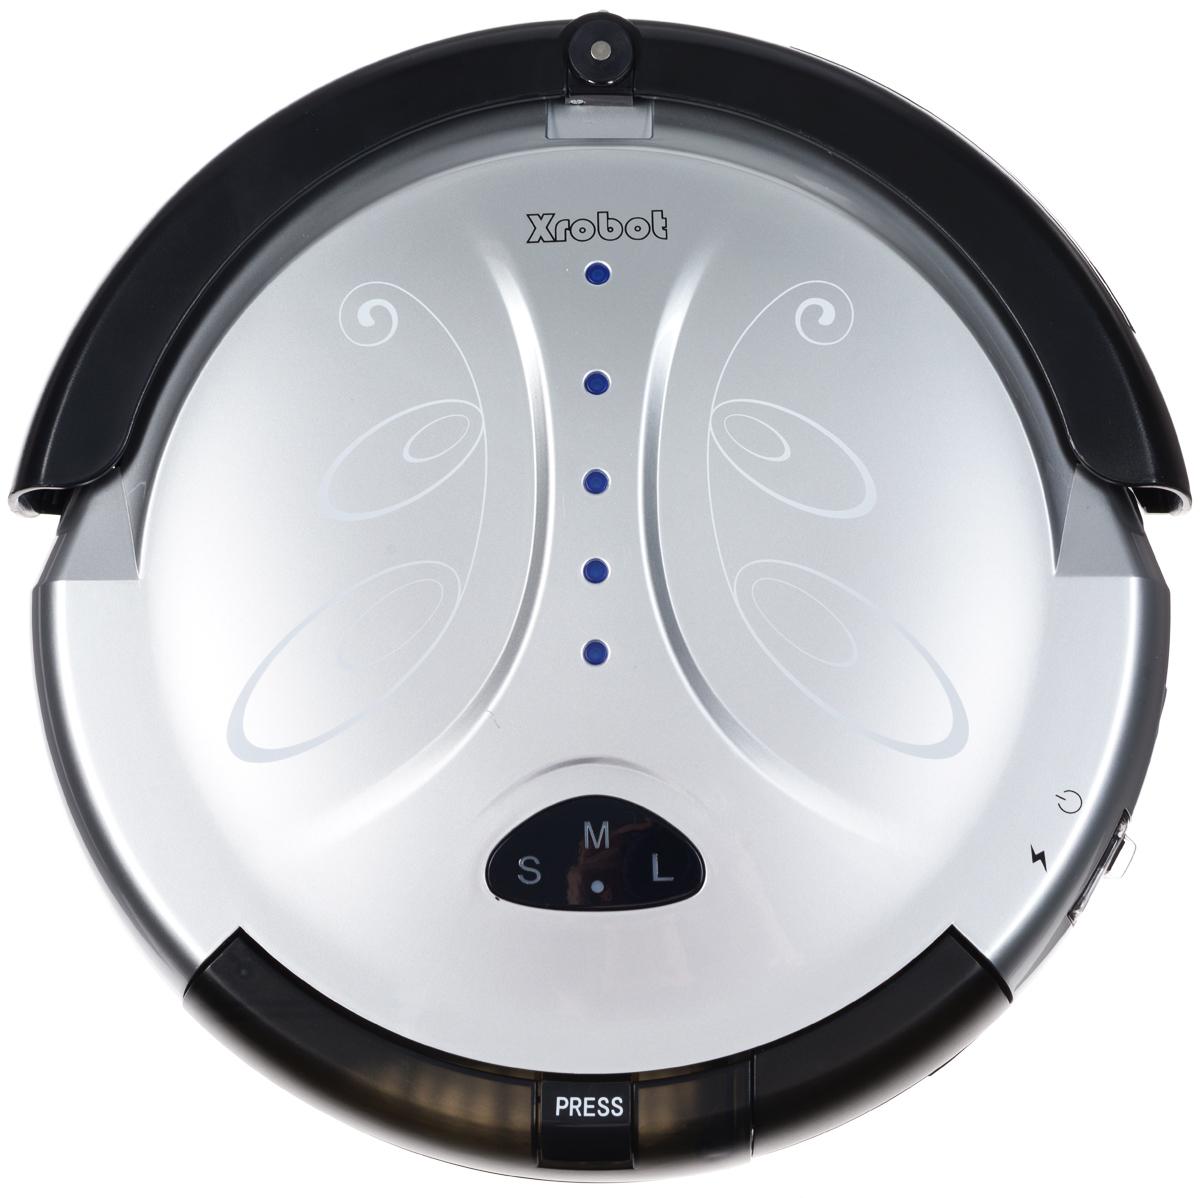 Xrobot A8, Silver Black робот-пылесосA8Пылесос Xrobot A8 представляет собой интеллектуальный, высокотехнологичный, полностью автоматический прибор, который в основном применяется в домашних условиях, в отелях и небольших офисах для чистки различных ковров с коротким ворсом, деревянных полов, керамической плитки и т. д. Интеллектуальная функция: автоматическая уборка комнат, отсутствие ручного контроля во время всего процесса чистки. Автоматическая зарядка: когда батарея разряжается, робот-пылесос автоматически ищет базу для зарядки и осуществляет зарядку. Ручная зарядка: робот-пылесос можно также заряжать вручную с помощью зарядного устройства. Автоматическая чистка: после установки этой функции робот-пылесос автоматически продолжит работу после полной зарядки. Функция защиты от падения: в нормальных условиях работы предотвращает падение робота-пылесоса со стола или лестницы Функция отложенного старта чистки позволяет выполнить зарядку в течение 4-5 часов и...